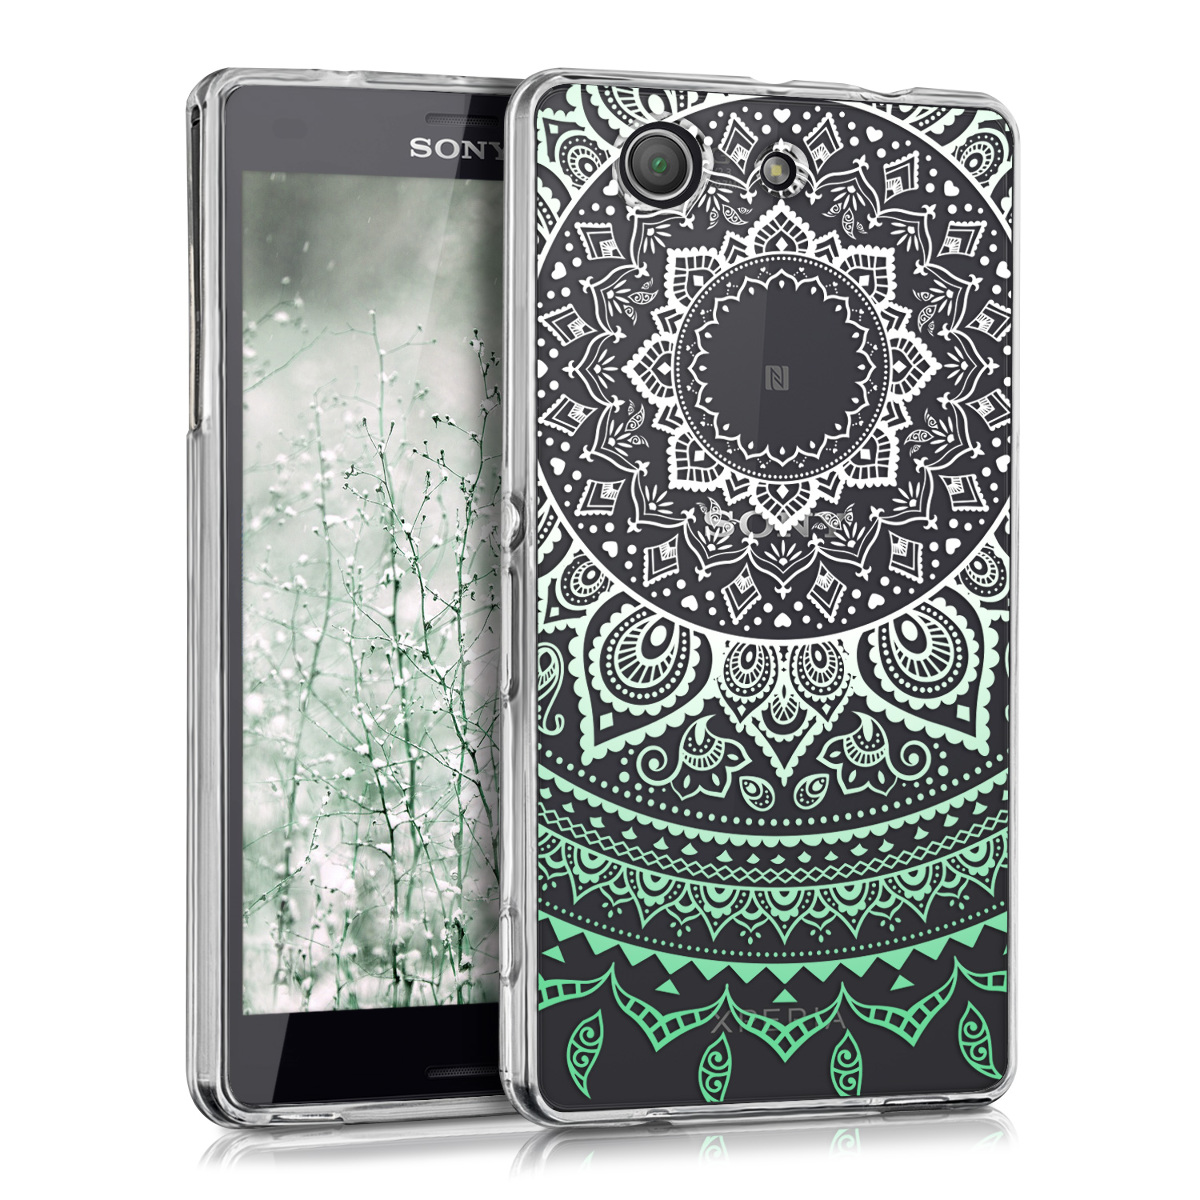 Kvalitní silikonové TPU pouzdro | obal pro Sony Xperia Z3 Compact - indické slunce mint zelené / bílé / průhledné